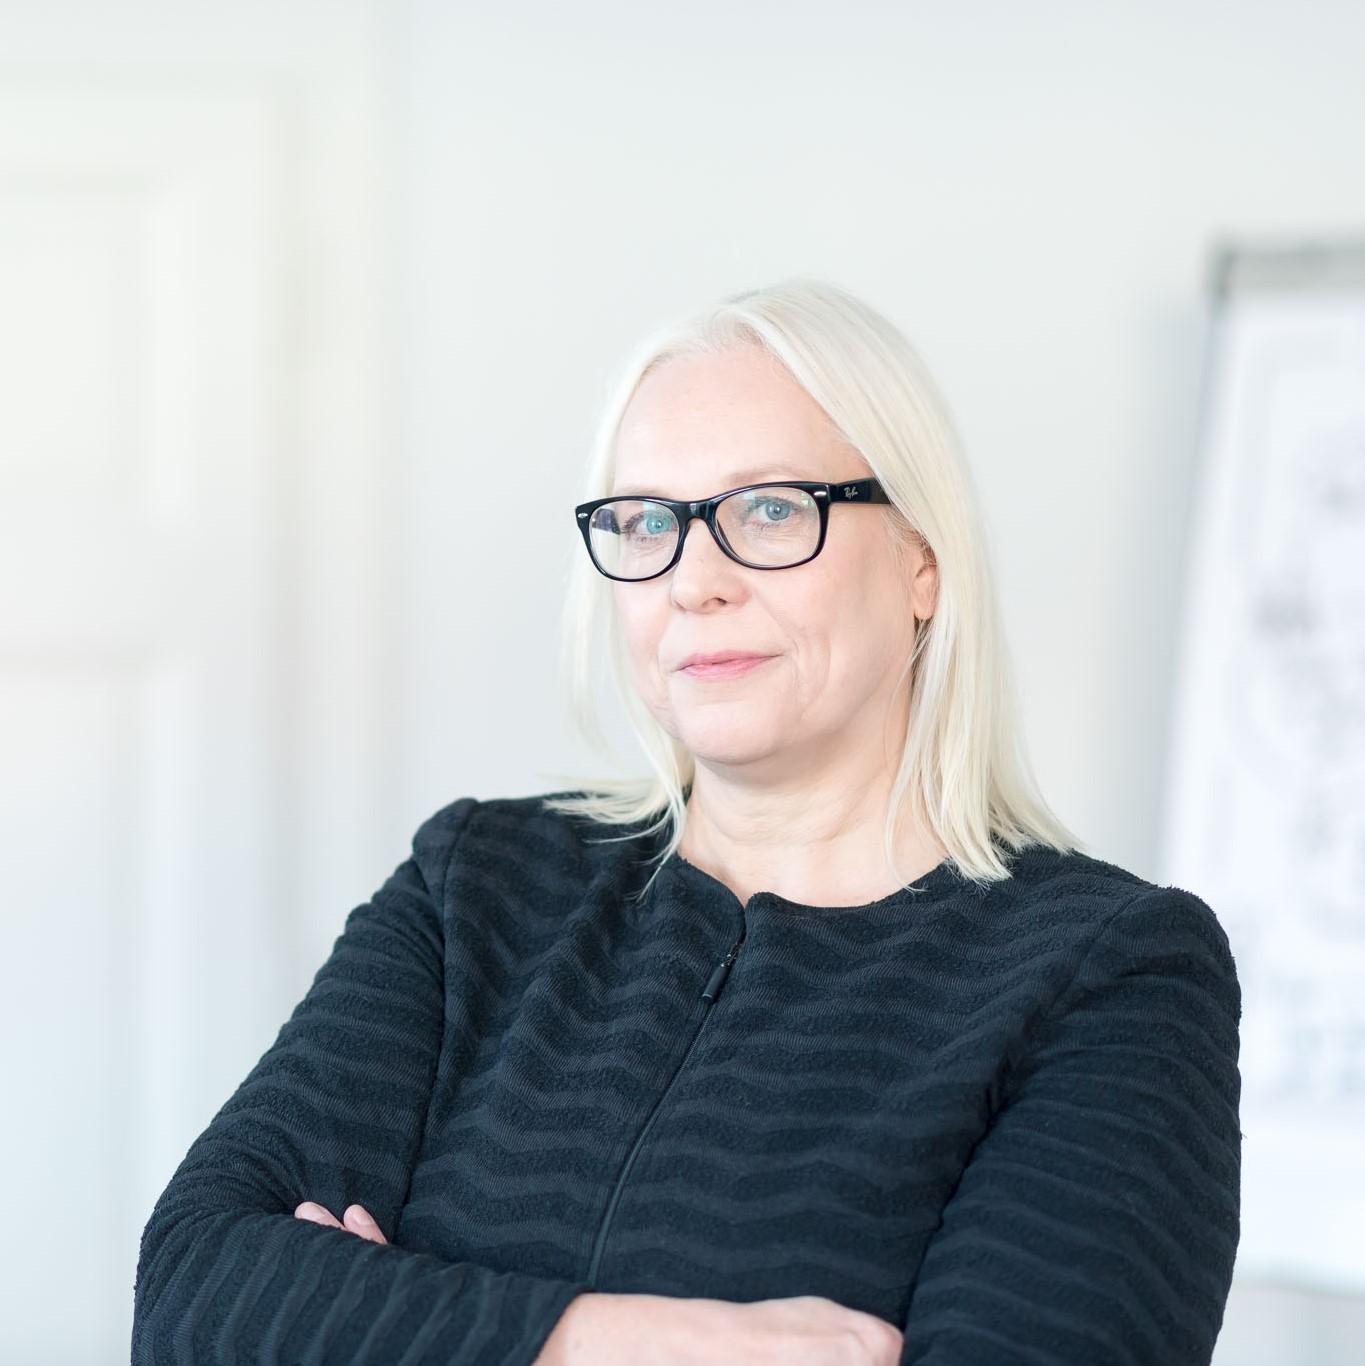 Anna-Liisa Lemettinen